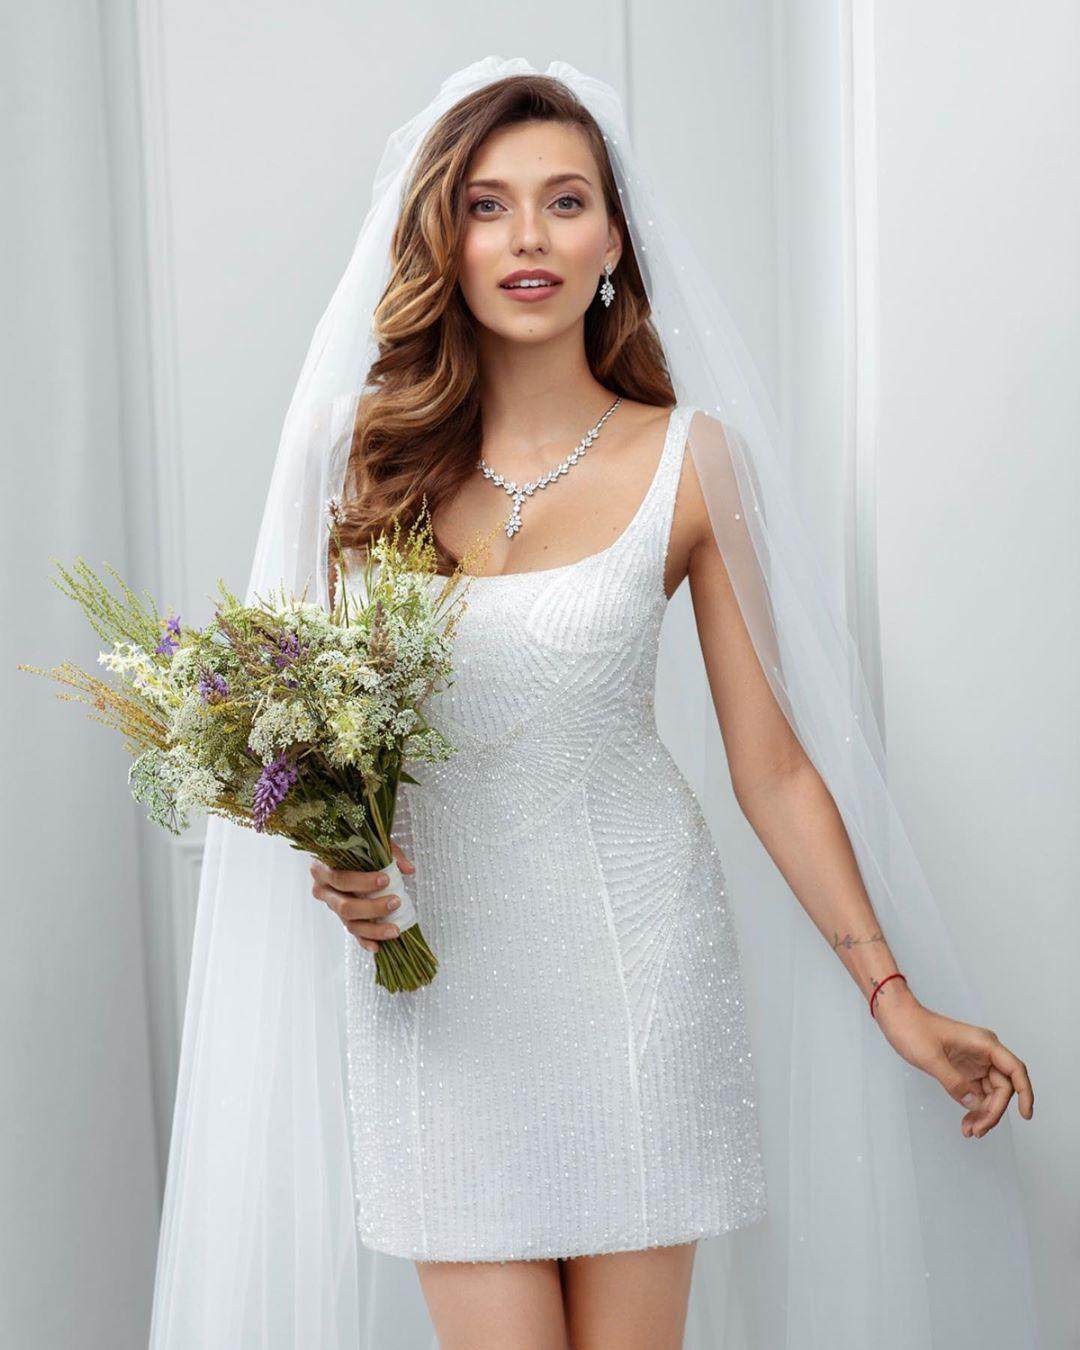 Регина Тодоренко свадебное платье